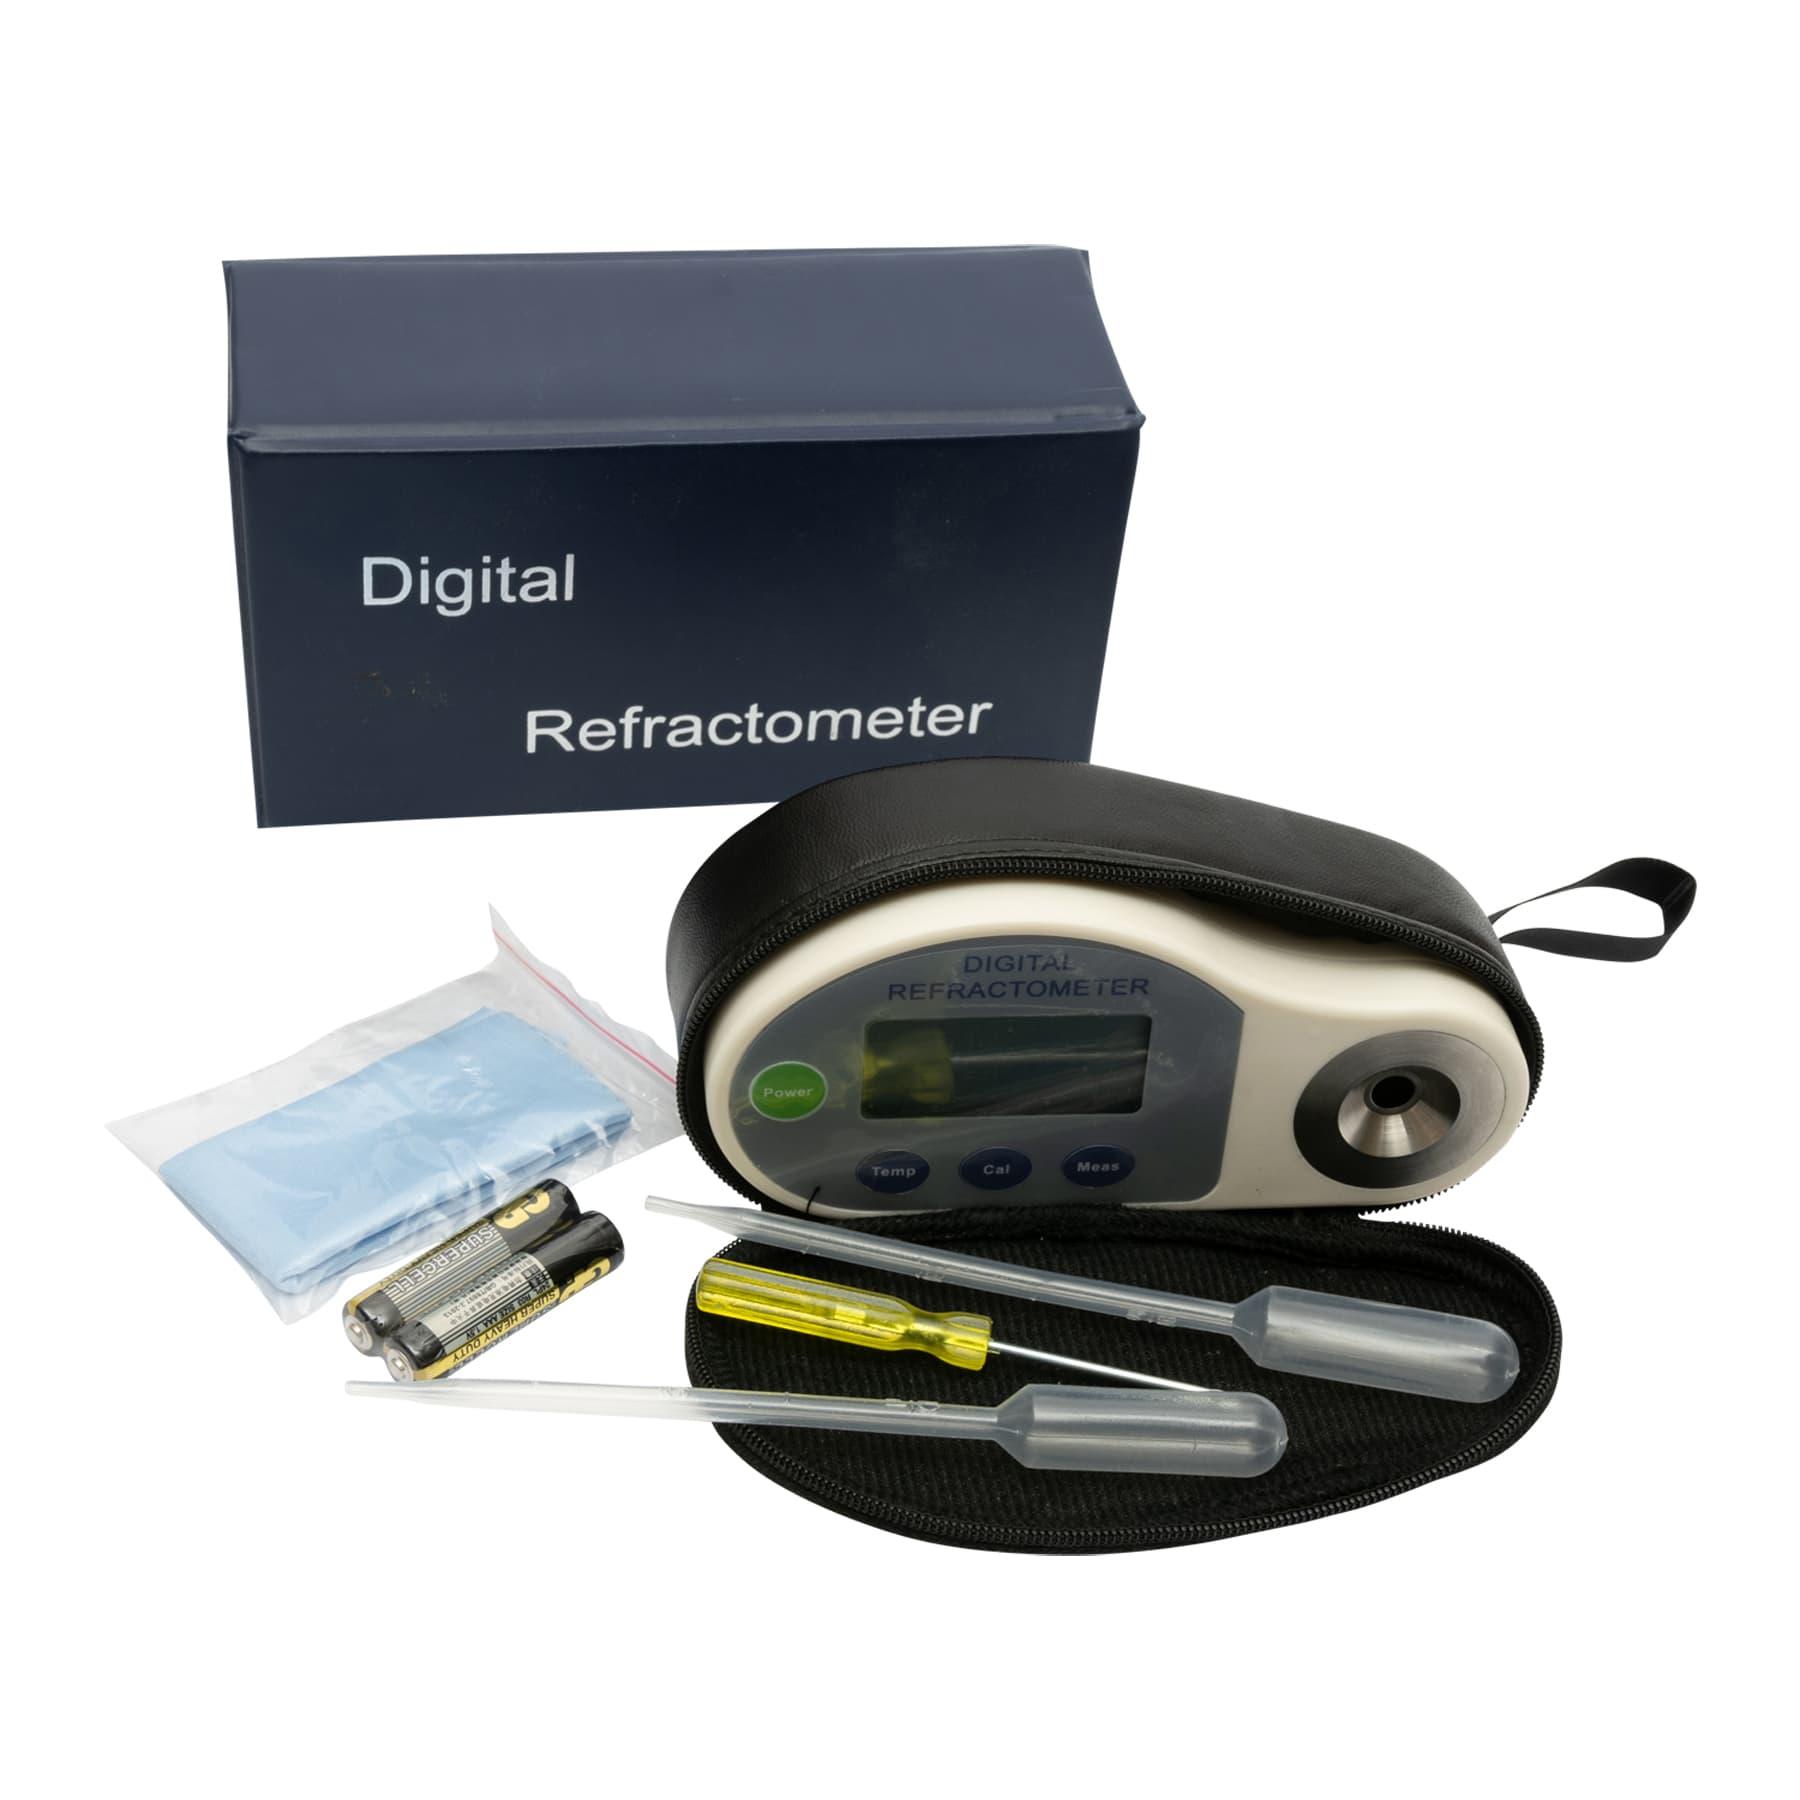 Honigrefraktometer digital Brix-Skala: 58-92% Baume: 38-43 Wasser/Honigfeuchte: 13-25% Brechungsindex: 1.4370 - 1.5233 mit digitalen LCD-Display